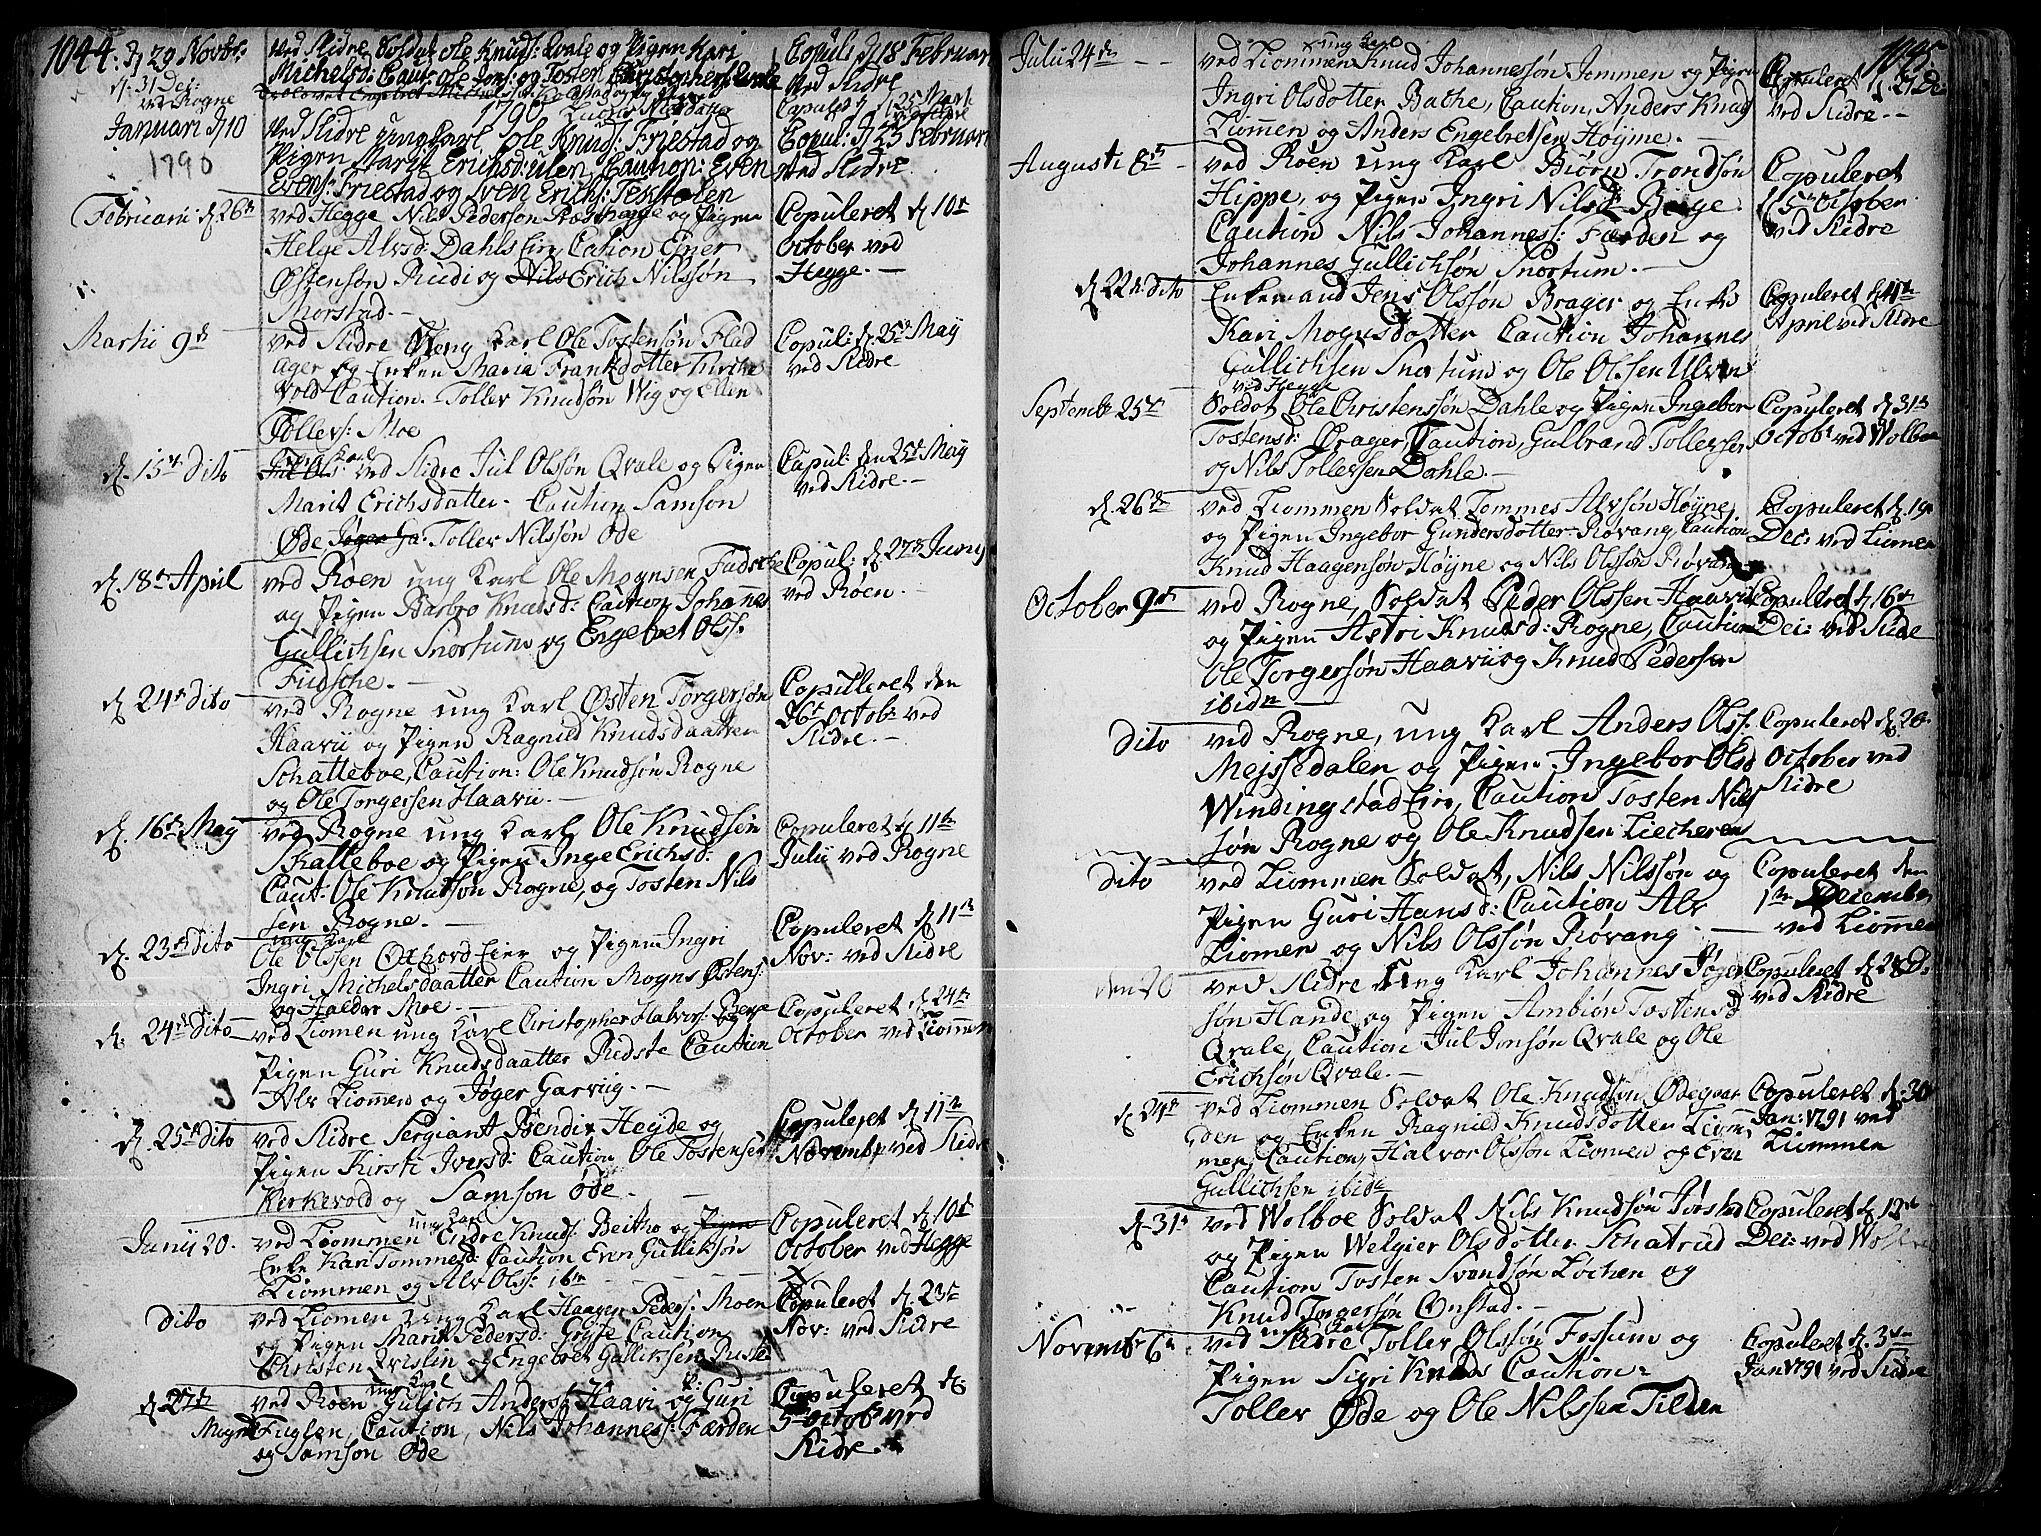 SAH, Slidre prestekontor, Ministerialbok nr. 1, 1724-1814, s. 1044-1045